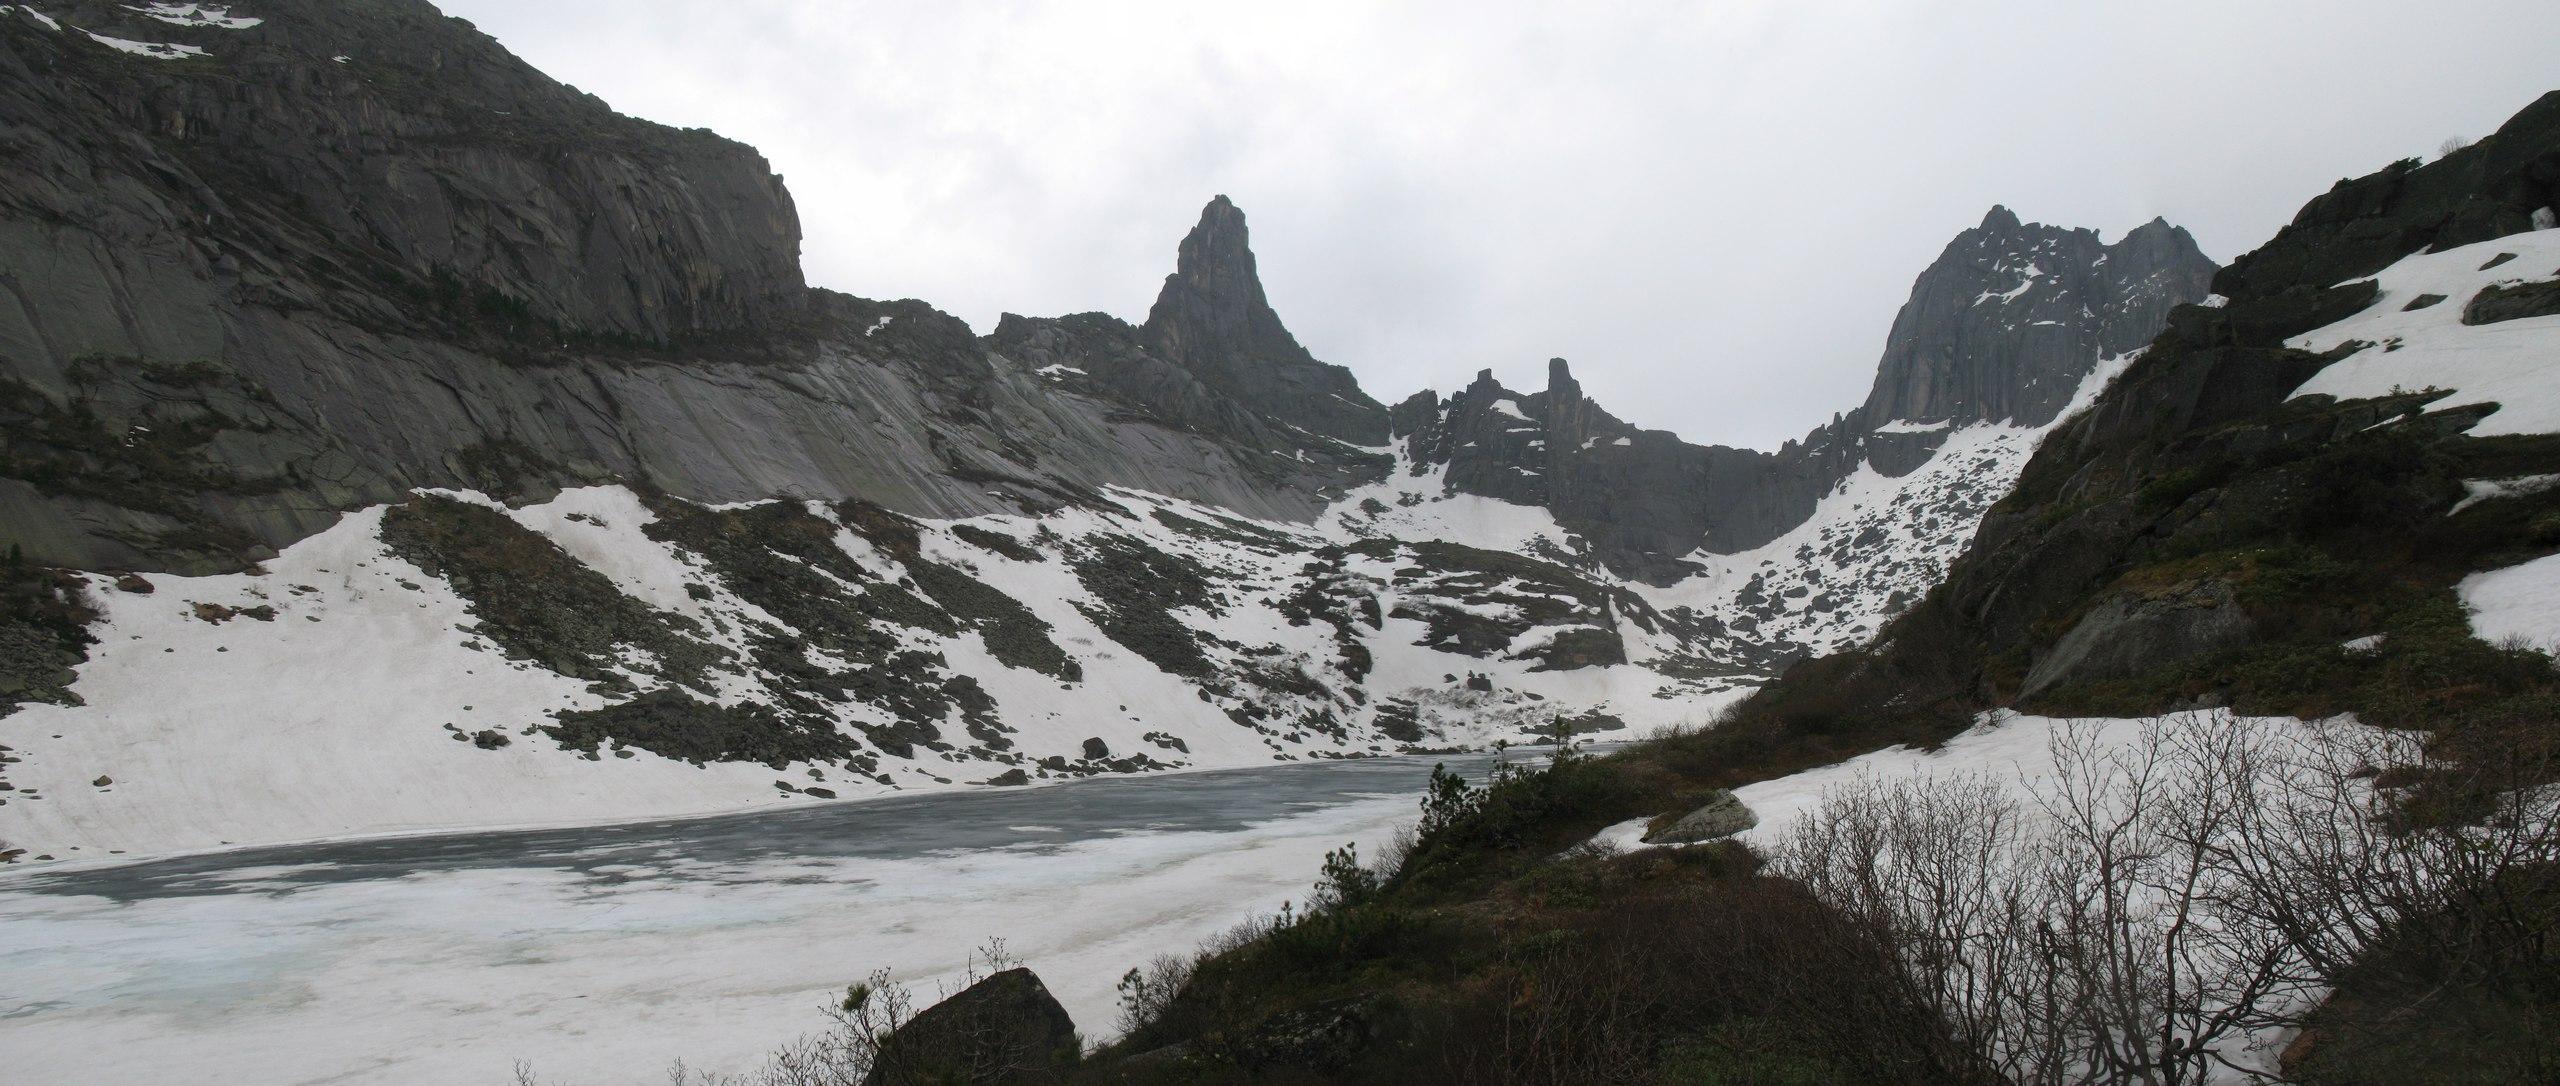 Озеро горных духов, пики Звездный и Птица